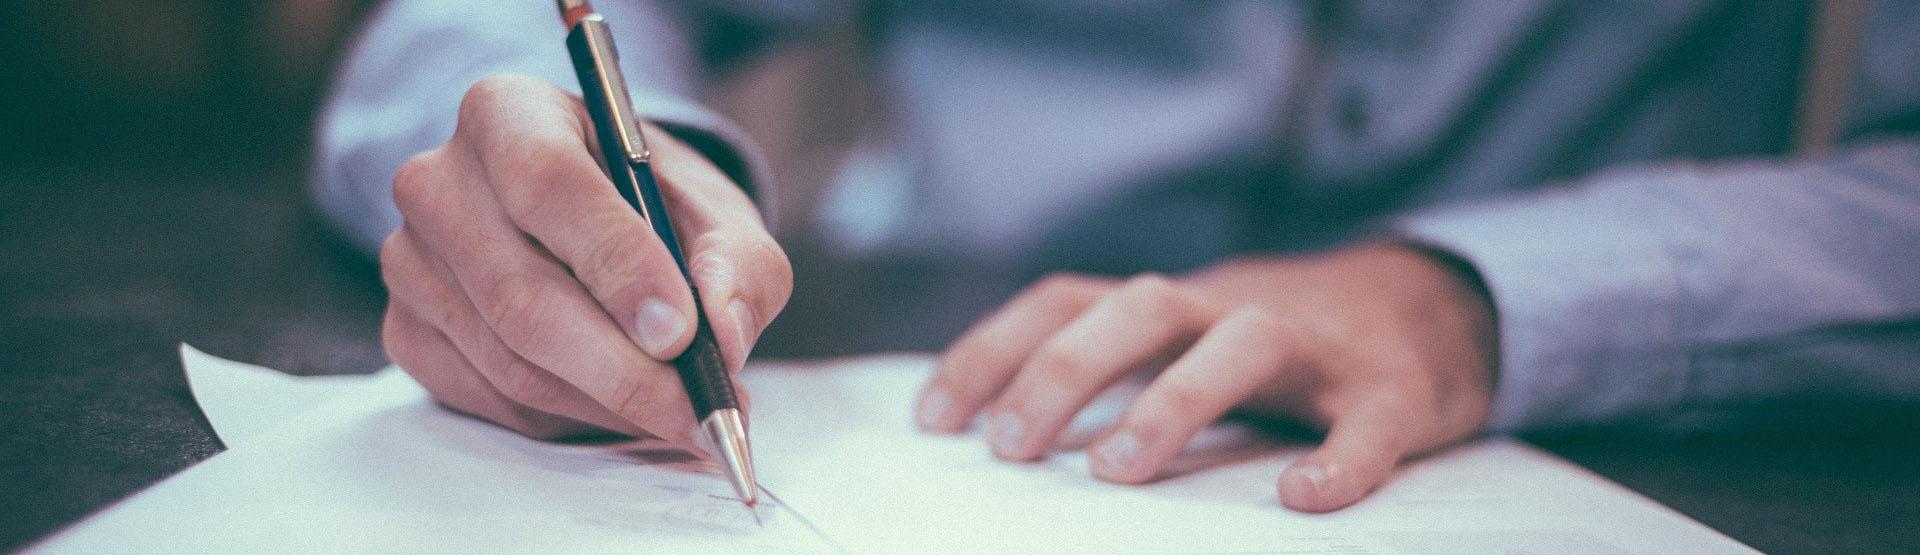 Servicio Responsabilidad contractual y extracontractual de la categoria Derecho de Propiedad